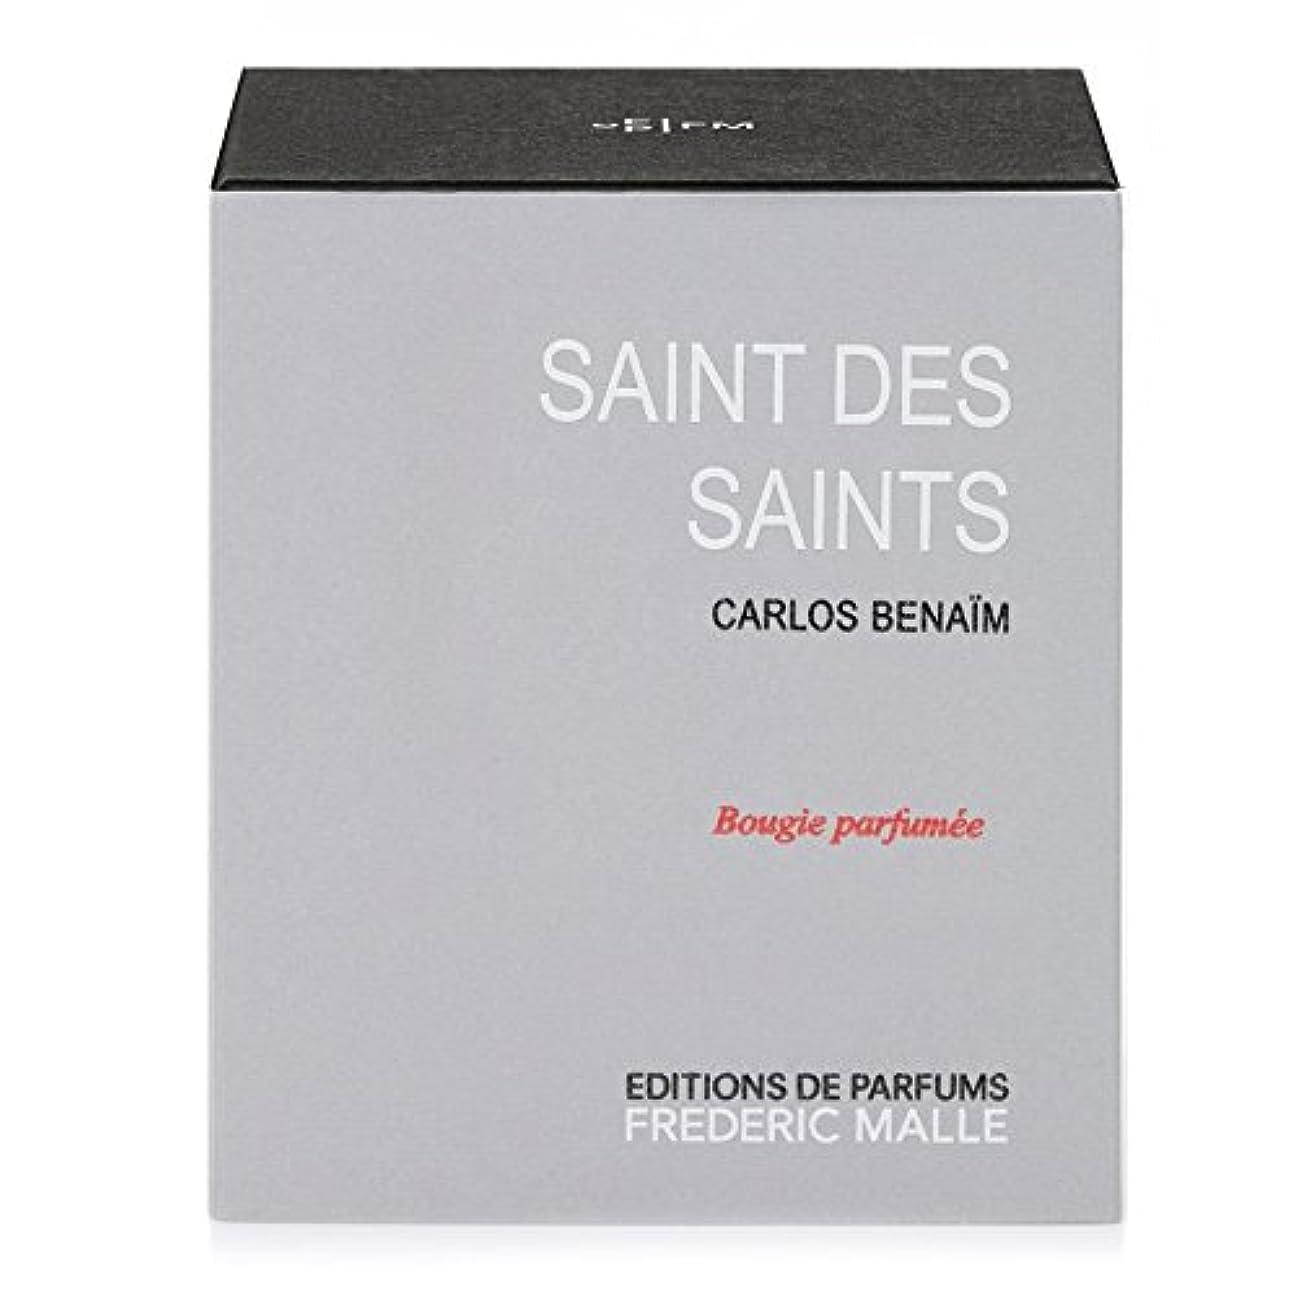 刈る予測する貨物フレデリック?マル聖人デ聖人の香りのキャンドル220グラム x6 - Frederic Malle Saint Des Saints Scented Candle 220g (Pack of 6) [並行輸入品]